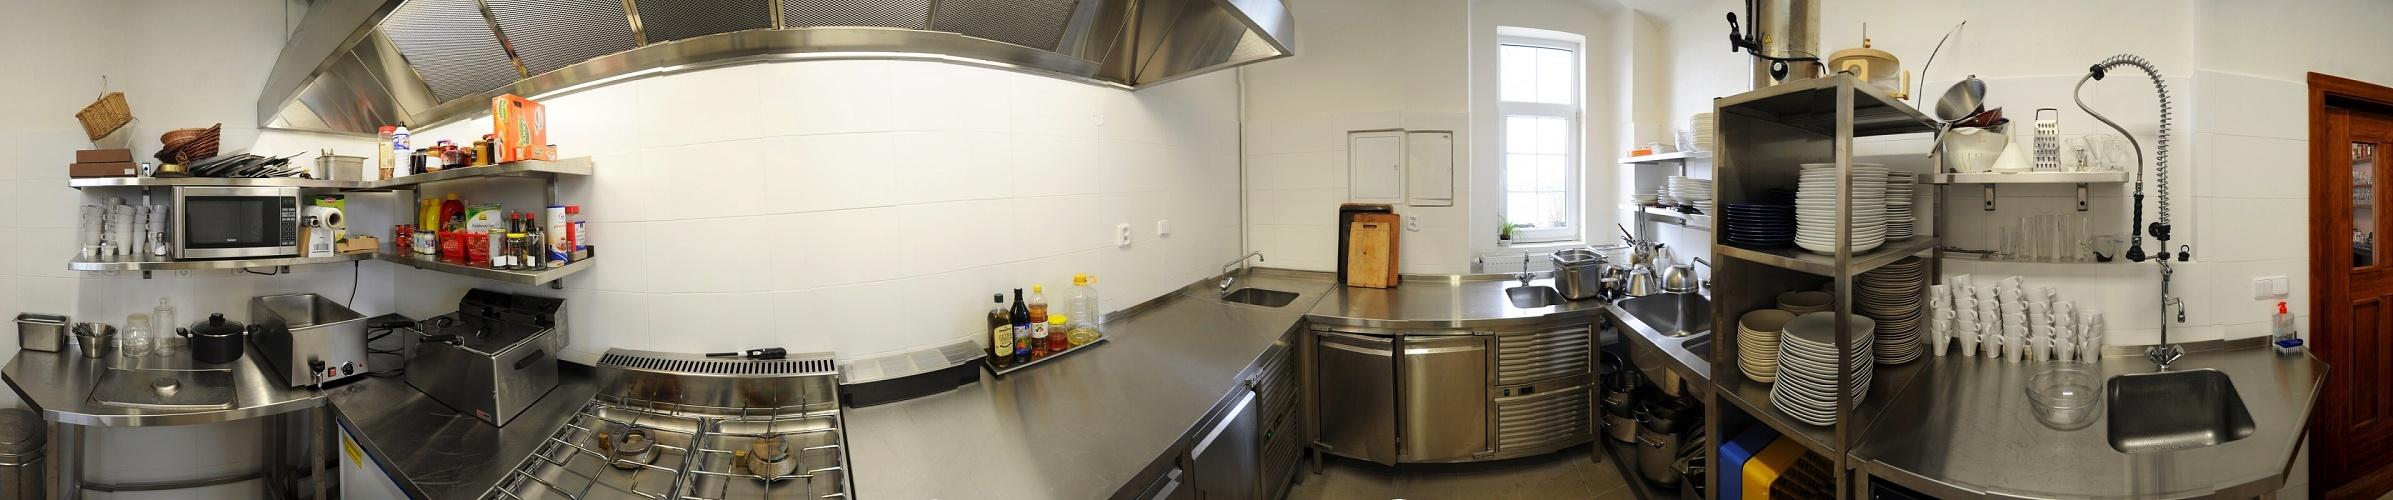 Panoramatický pohled v kuchyni